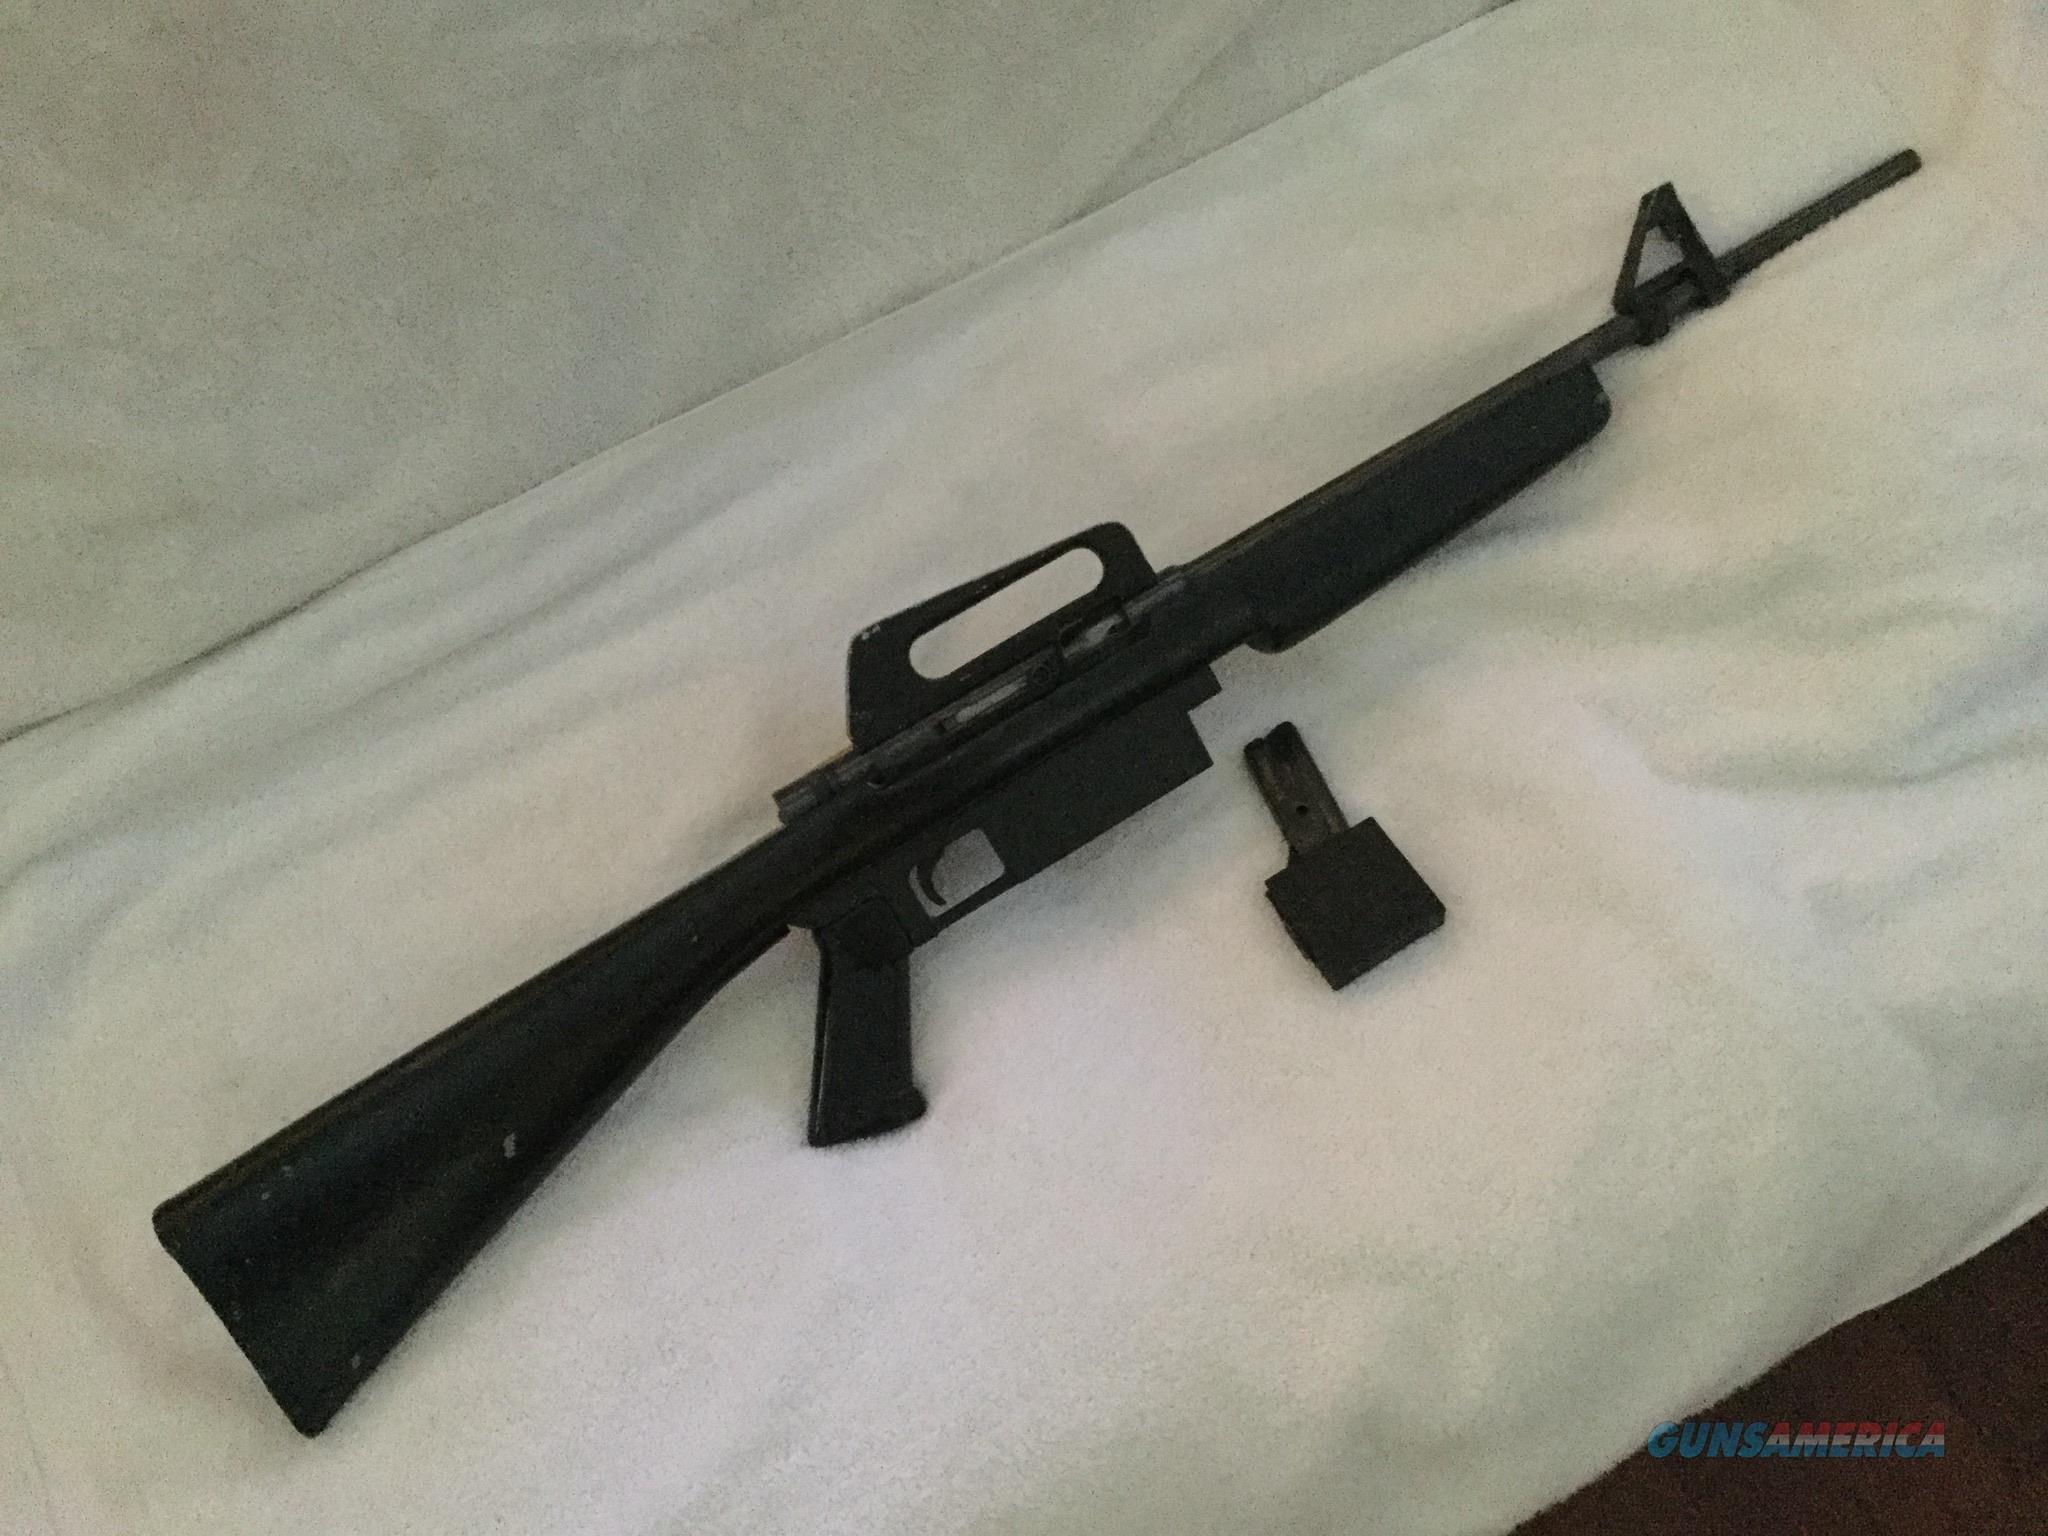 22 cal Ar style rifle, Kassnar Imports